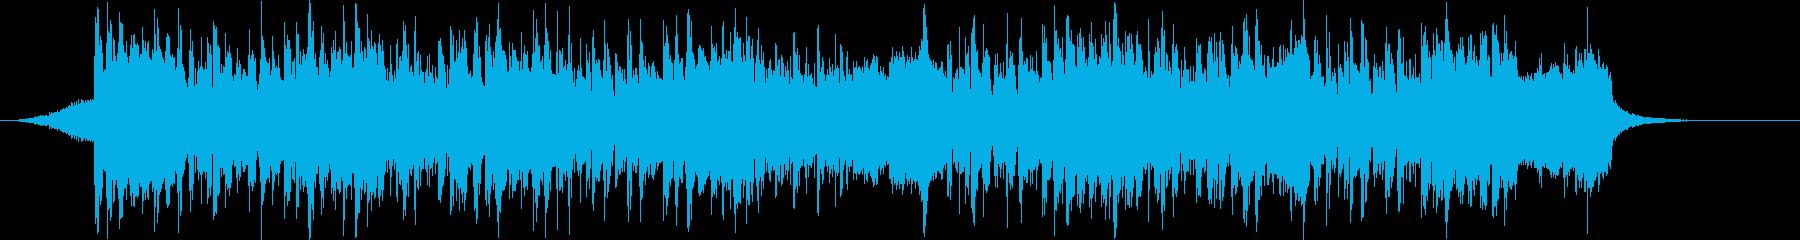 美しくメロウなFuture Bass_cの再生済みの波形